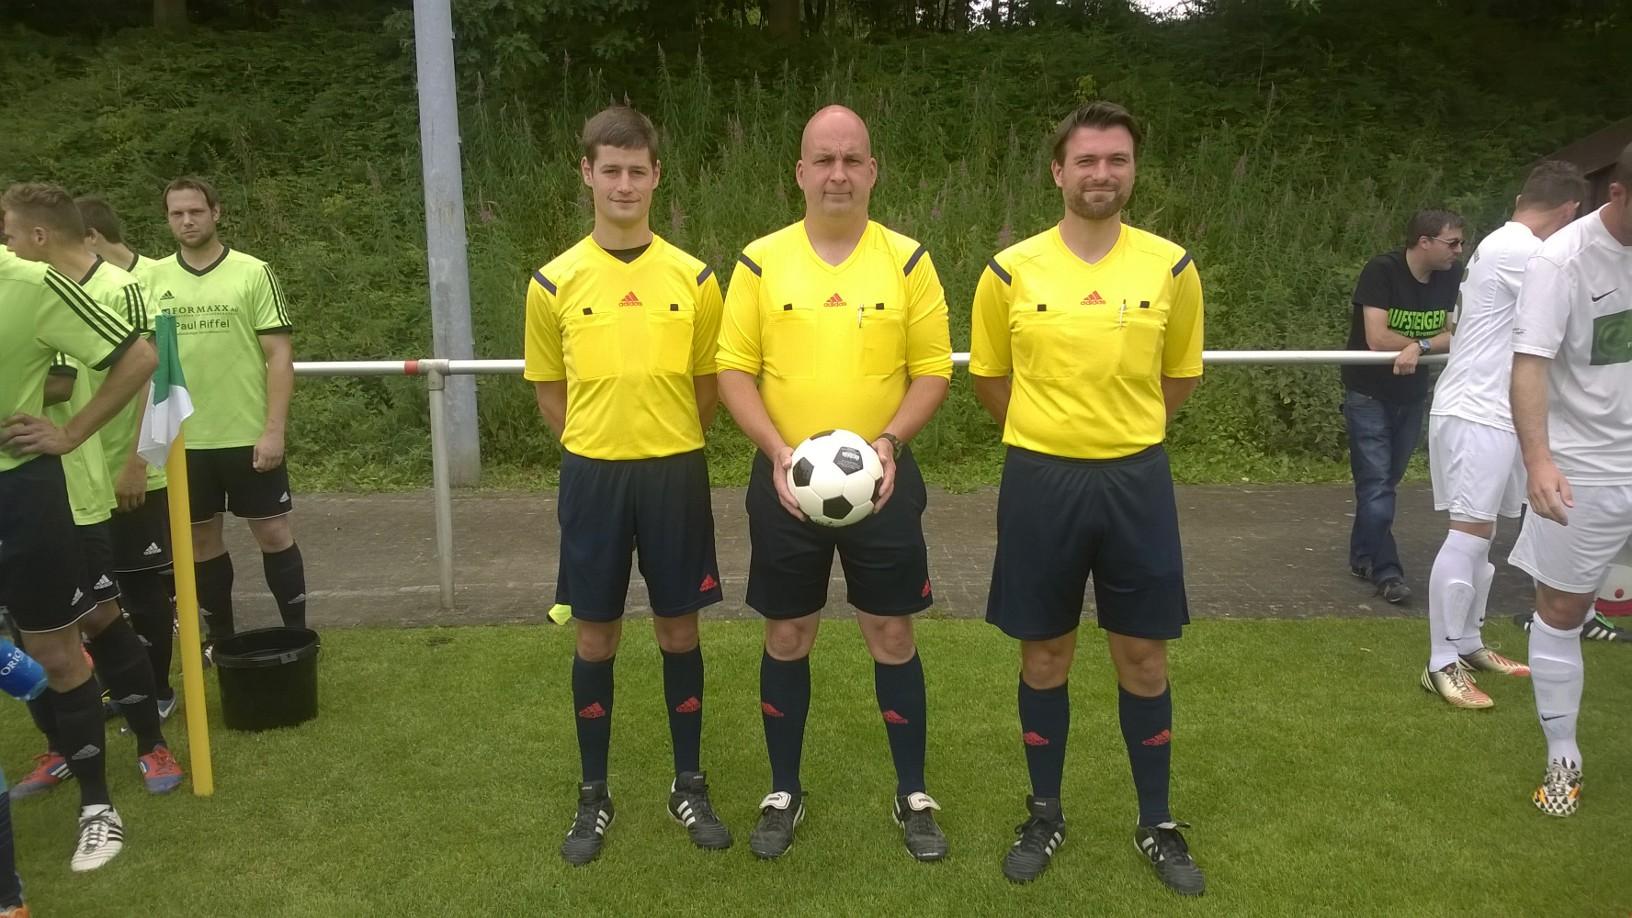 Die Schiedsrichter Sebastian Graf, Stefan Möbus und Thomas Heckmann